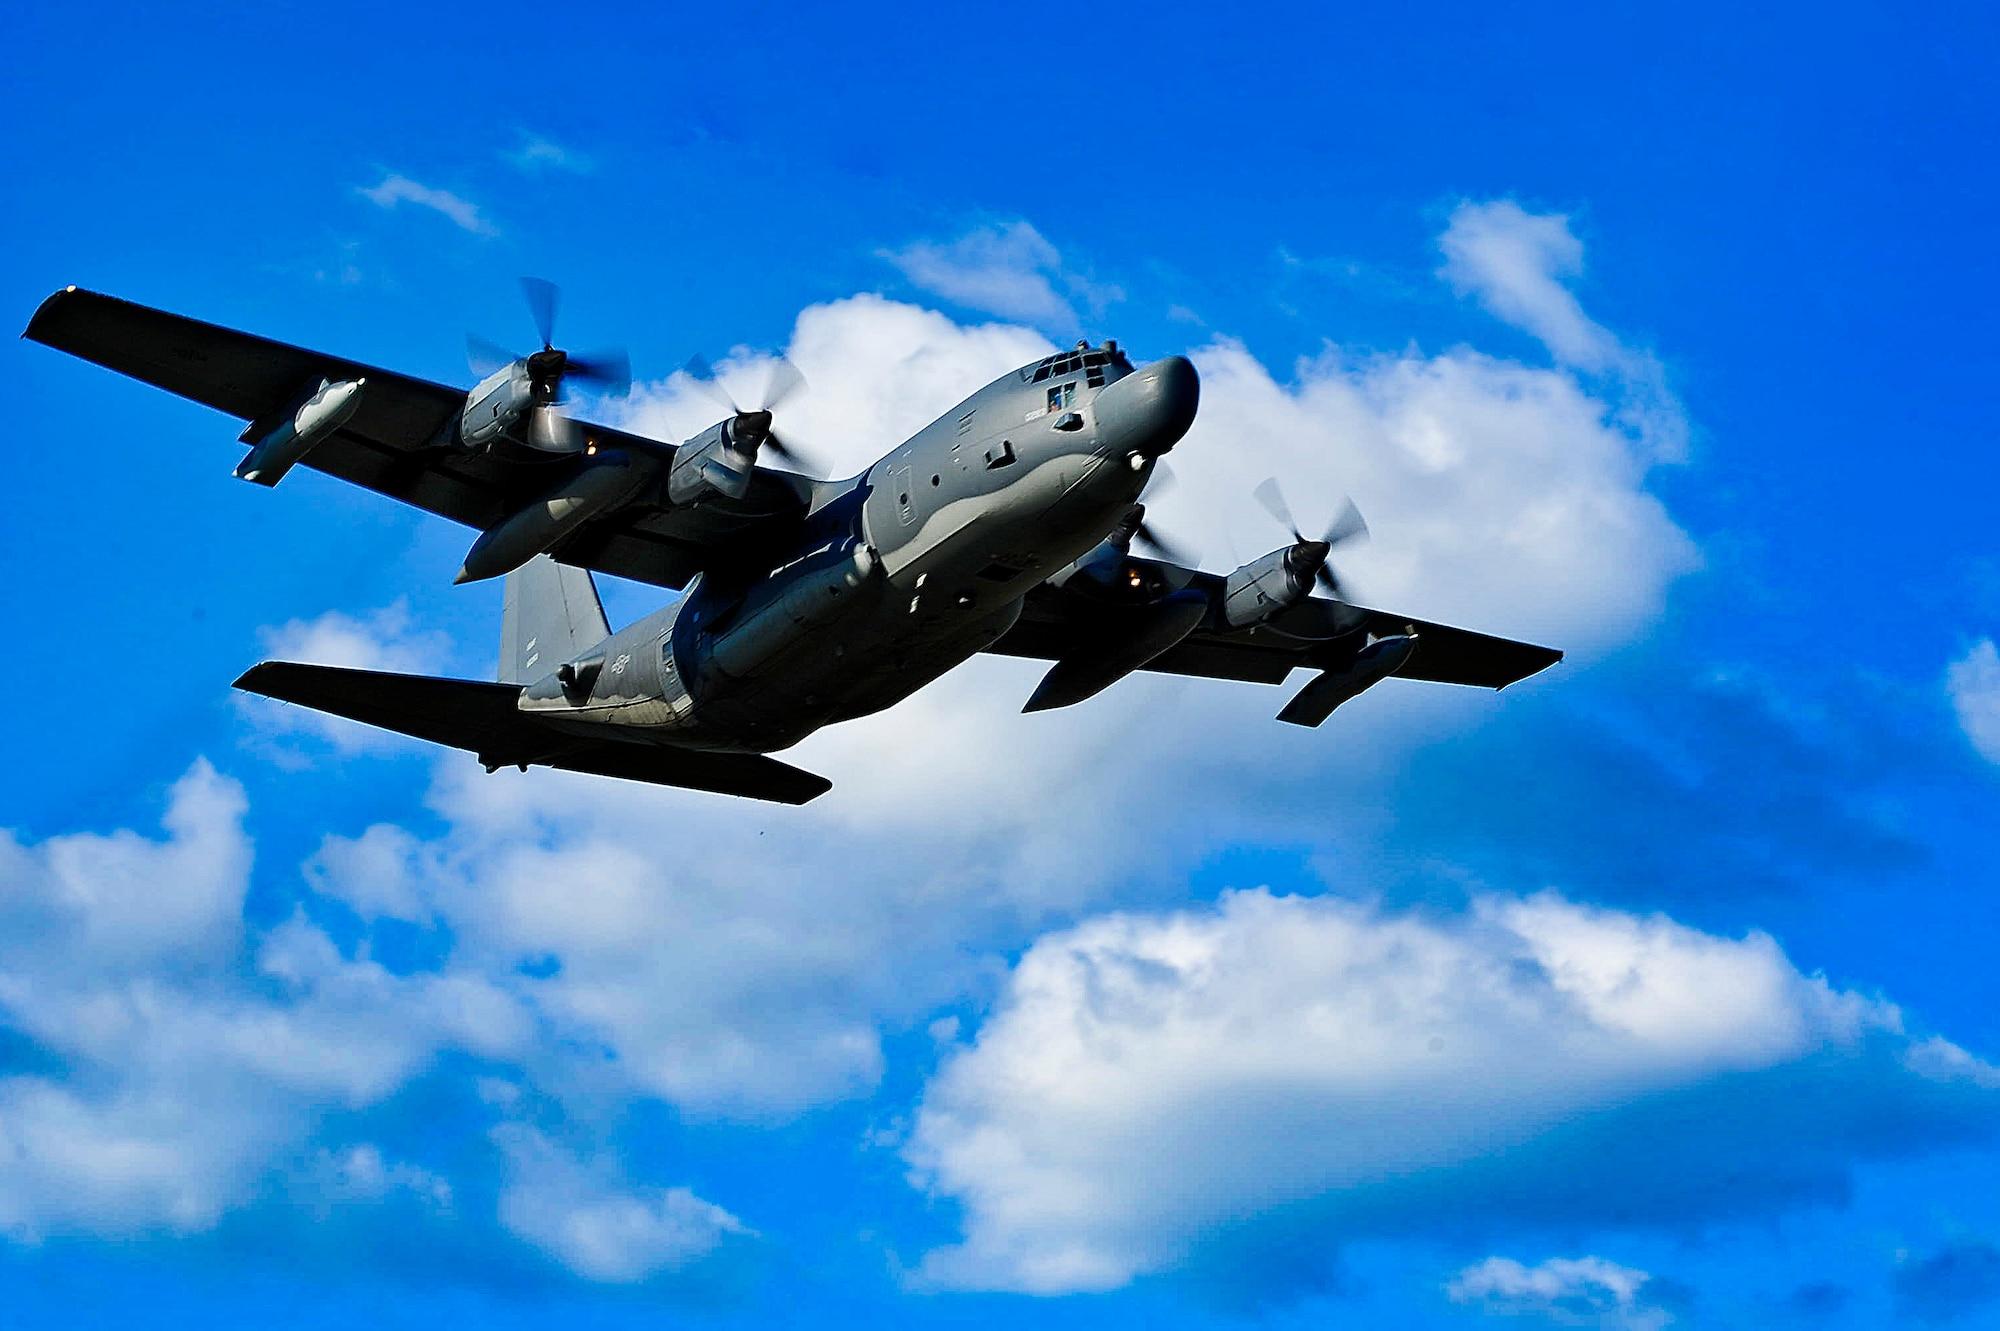 A MC-130H Combat Talon II flies above Hurlburt Field after takeoff.